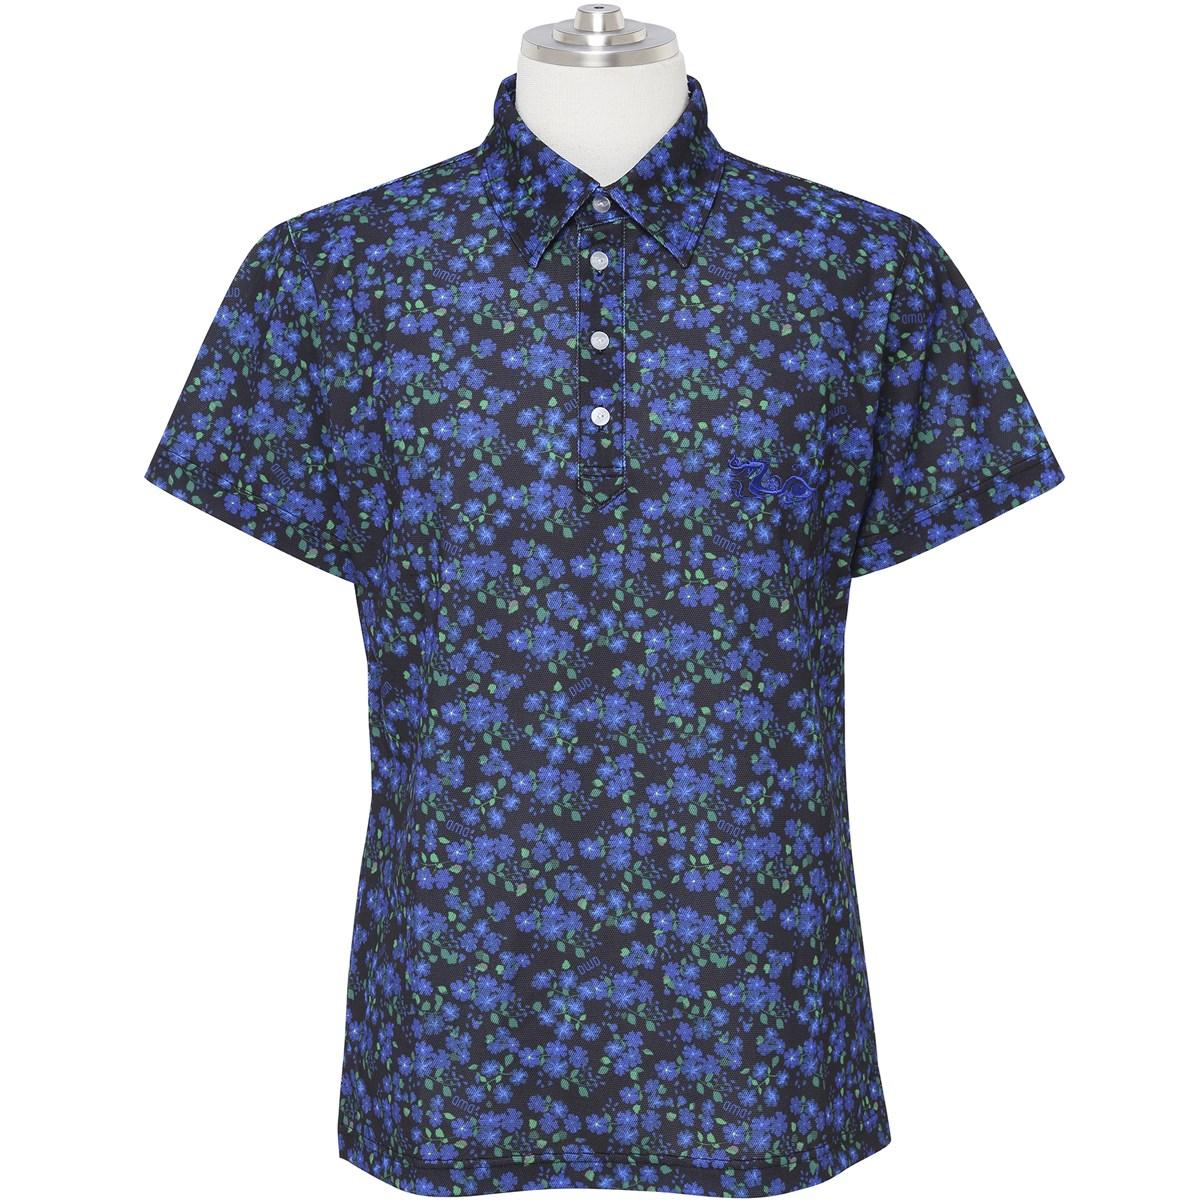 ダンスウィズドラゴン ジャガーフラワープリントストレッチ半袖ポロシャツ